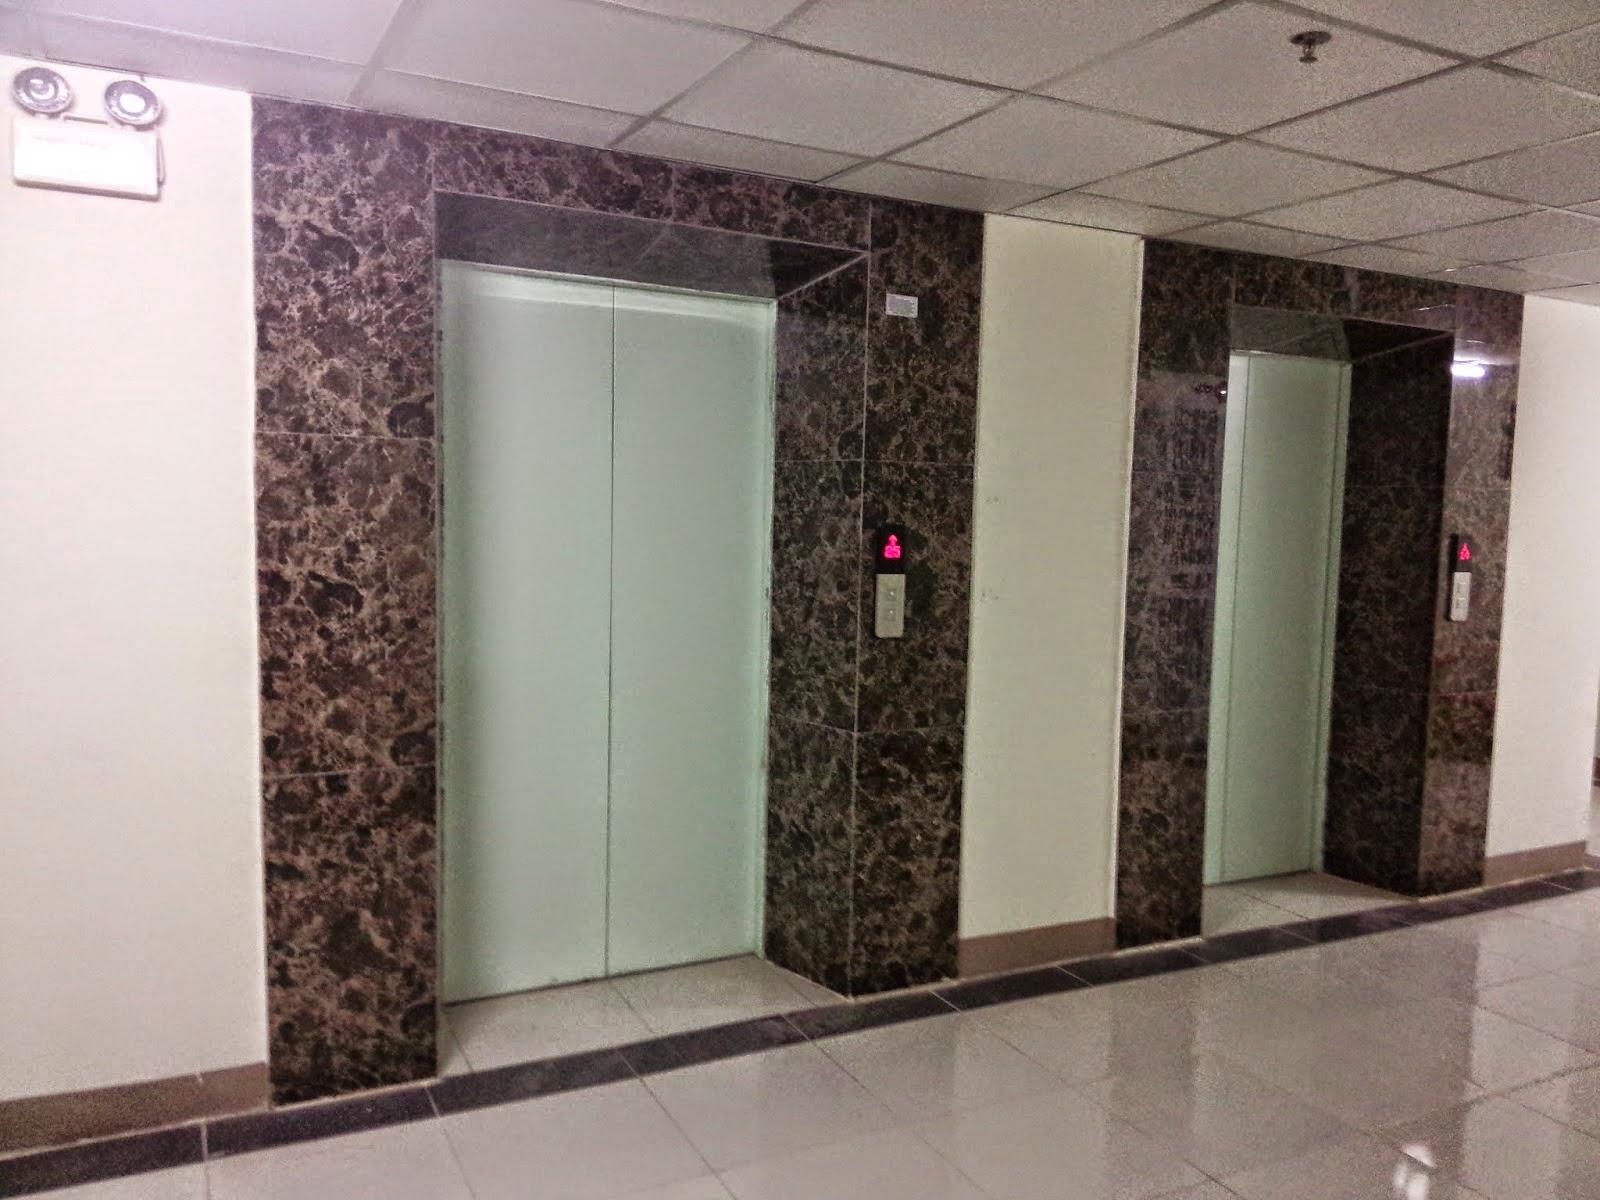 cách sử dụng thang máy chung cư